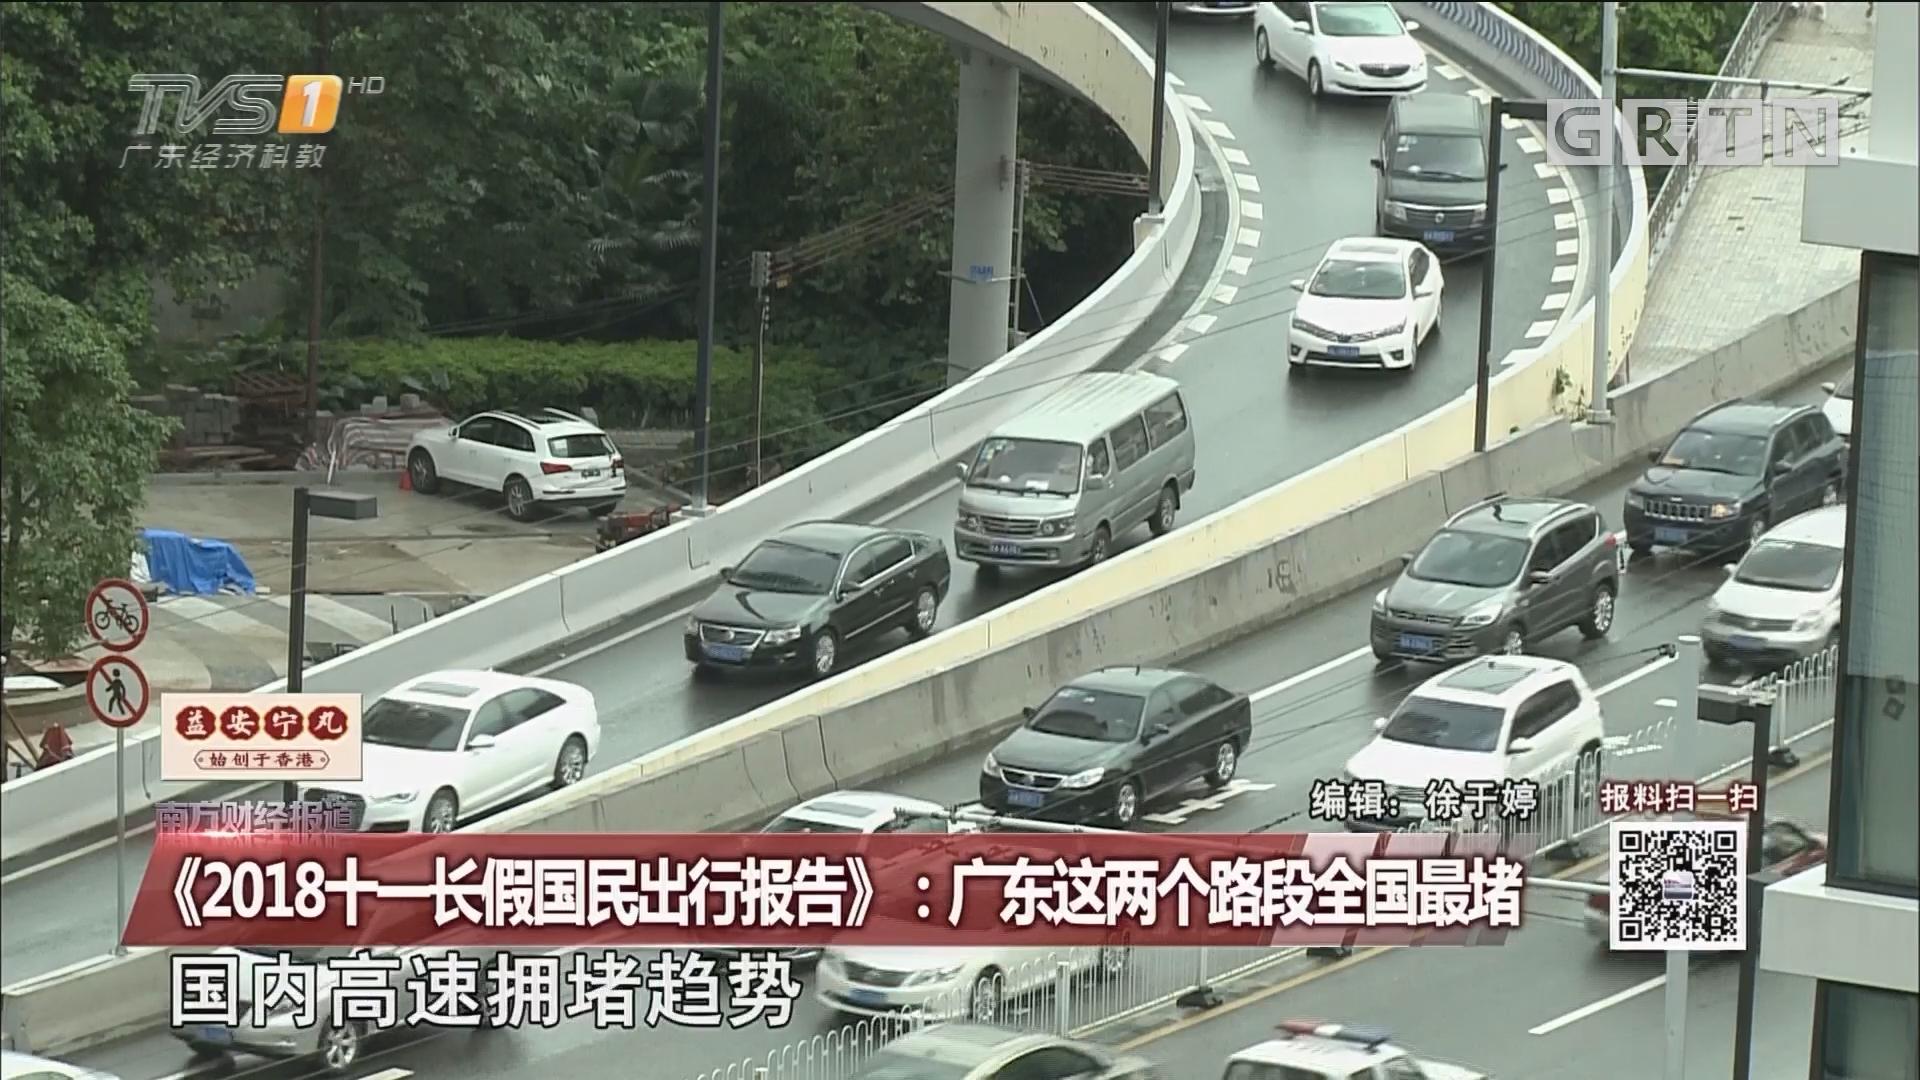 《2018十一长假国民出行报告》:广东这两个路段全国最堵